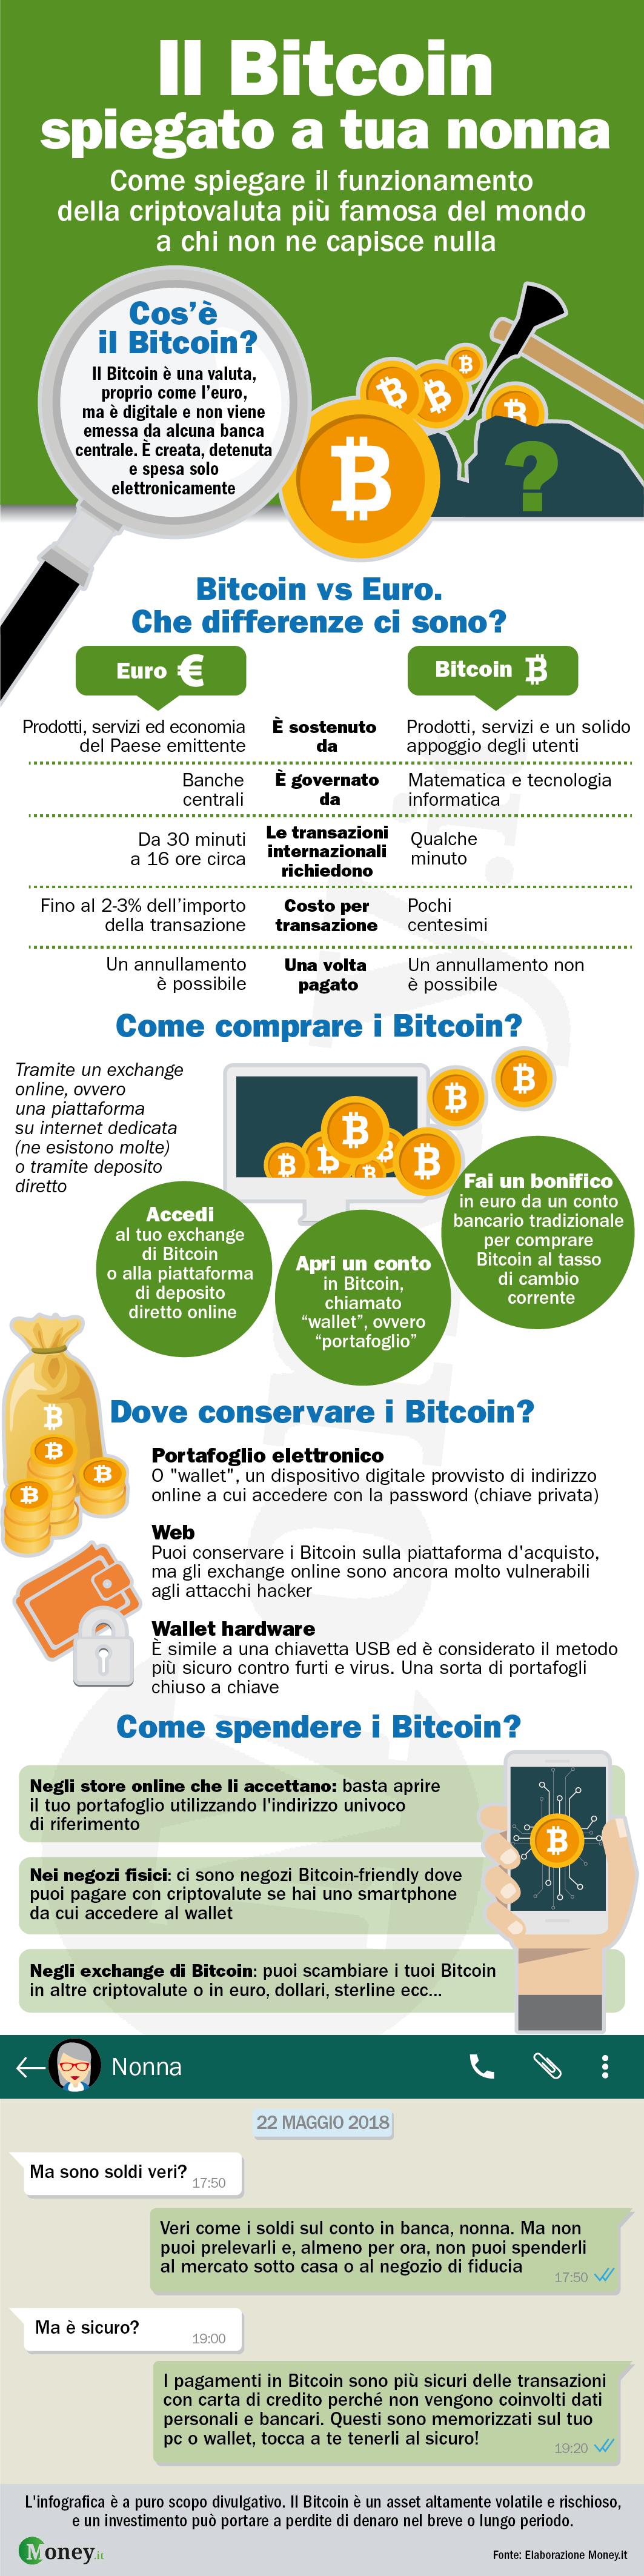 Infografica BTC Money.it